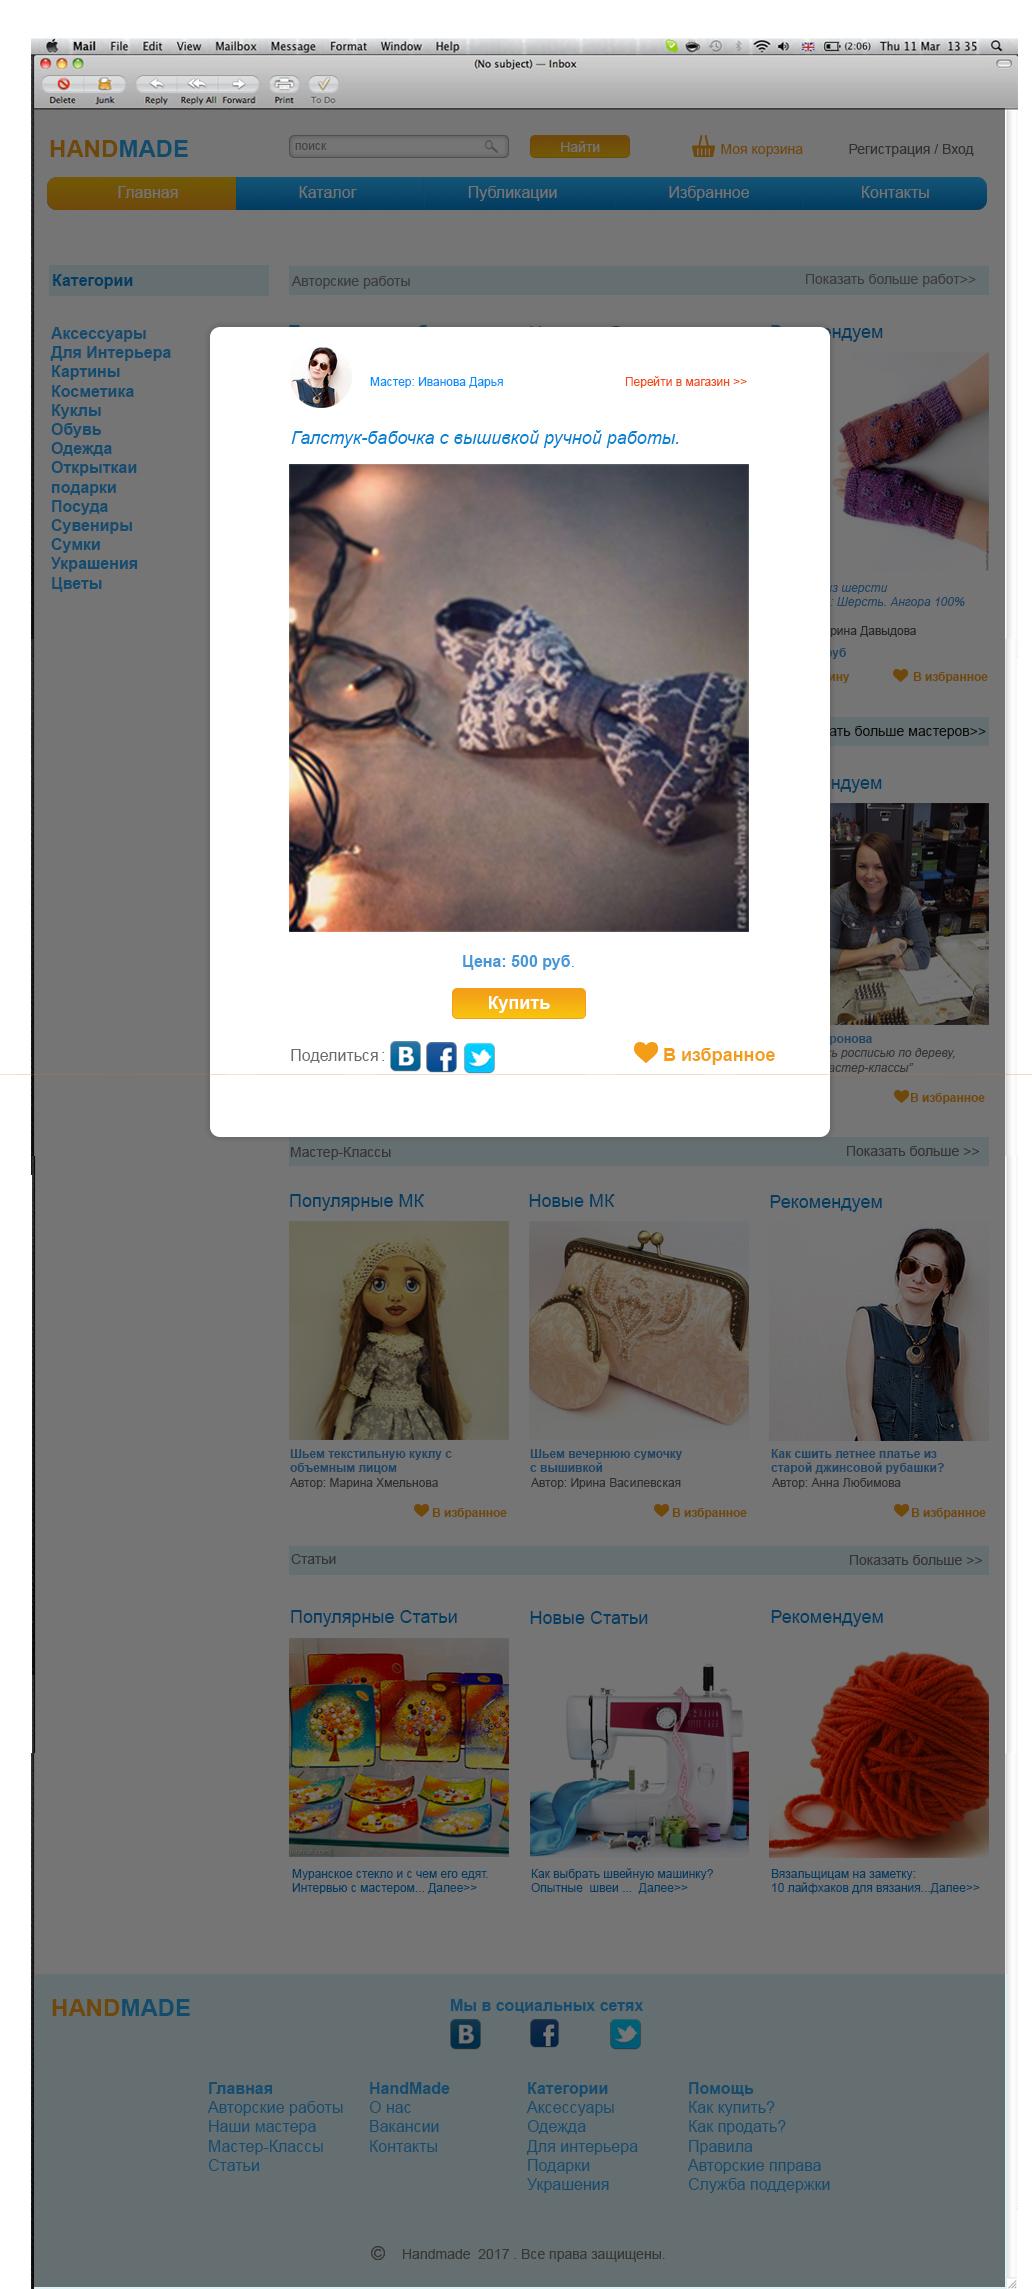 Разработка дизайна портала по тематике handmade. фото f_89758711e8682f9e.jpg